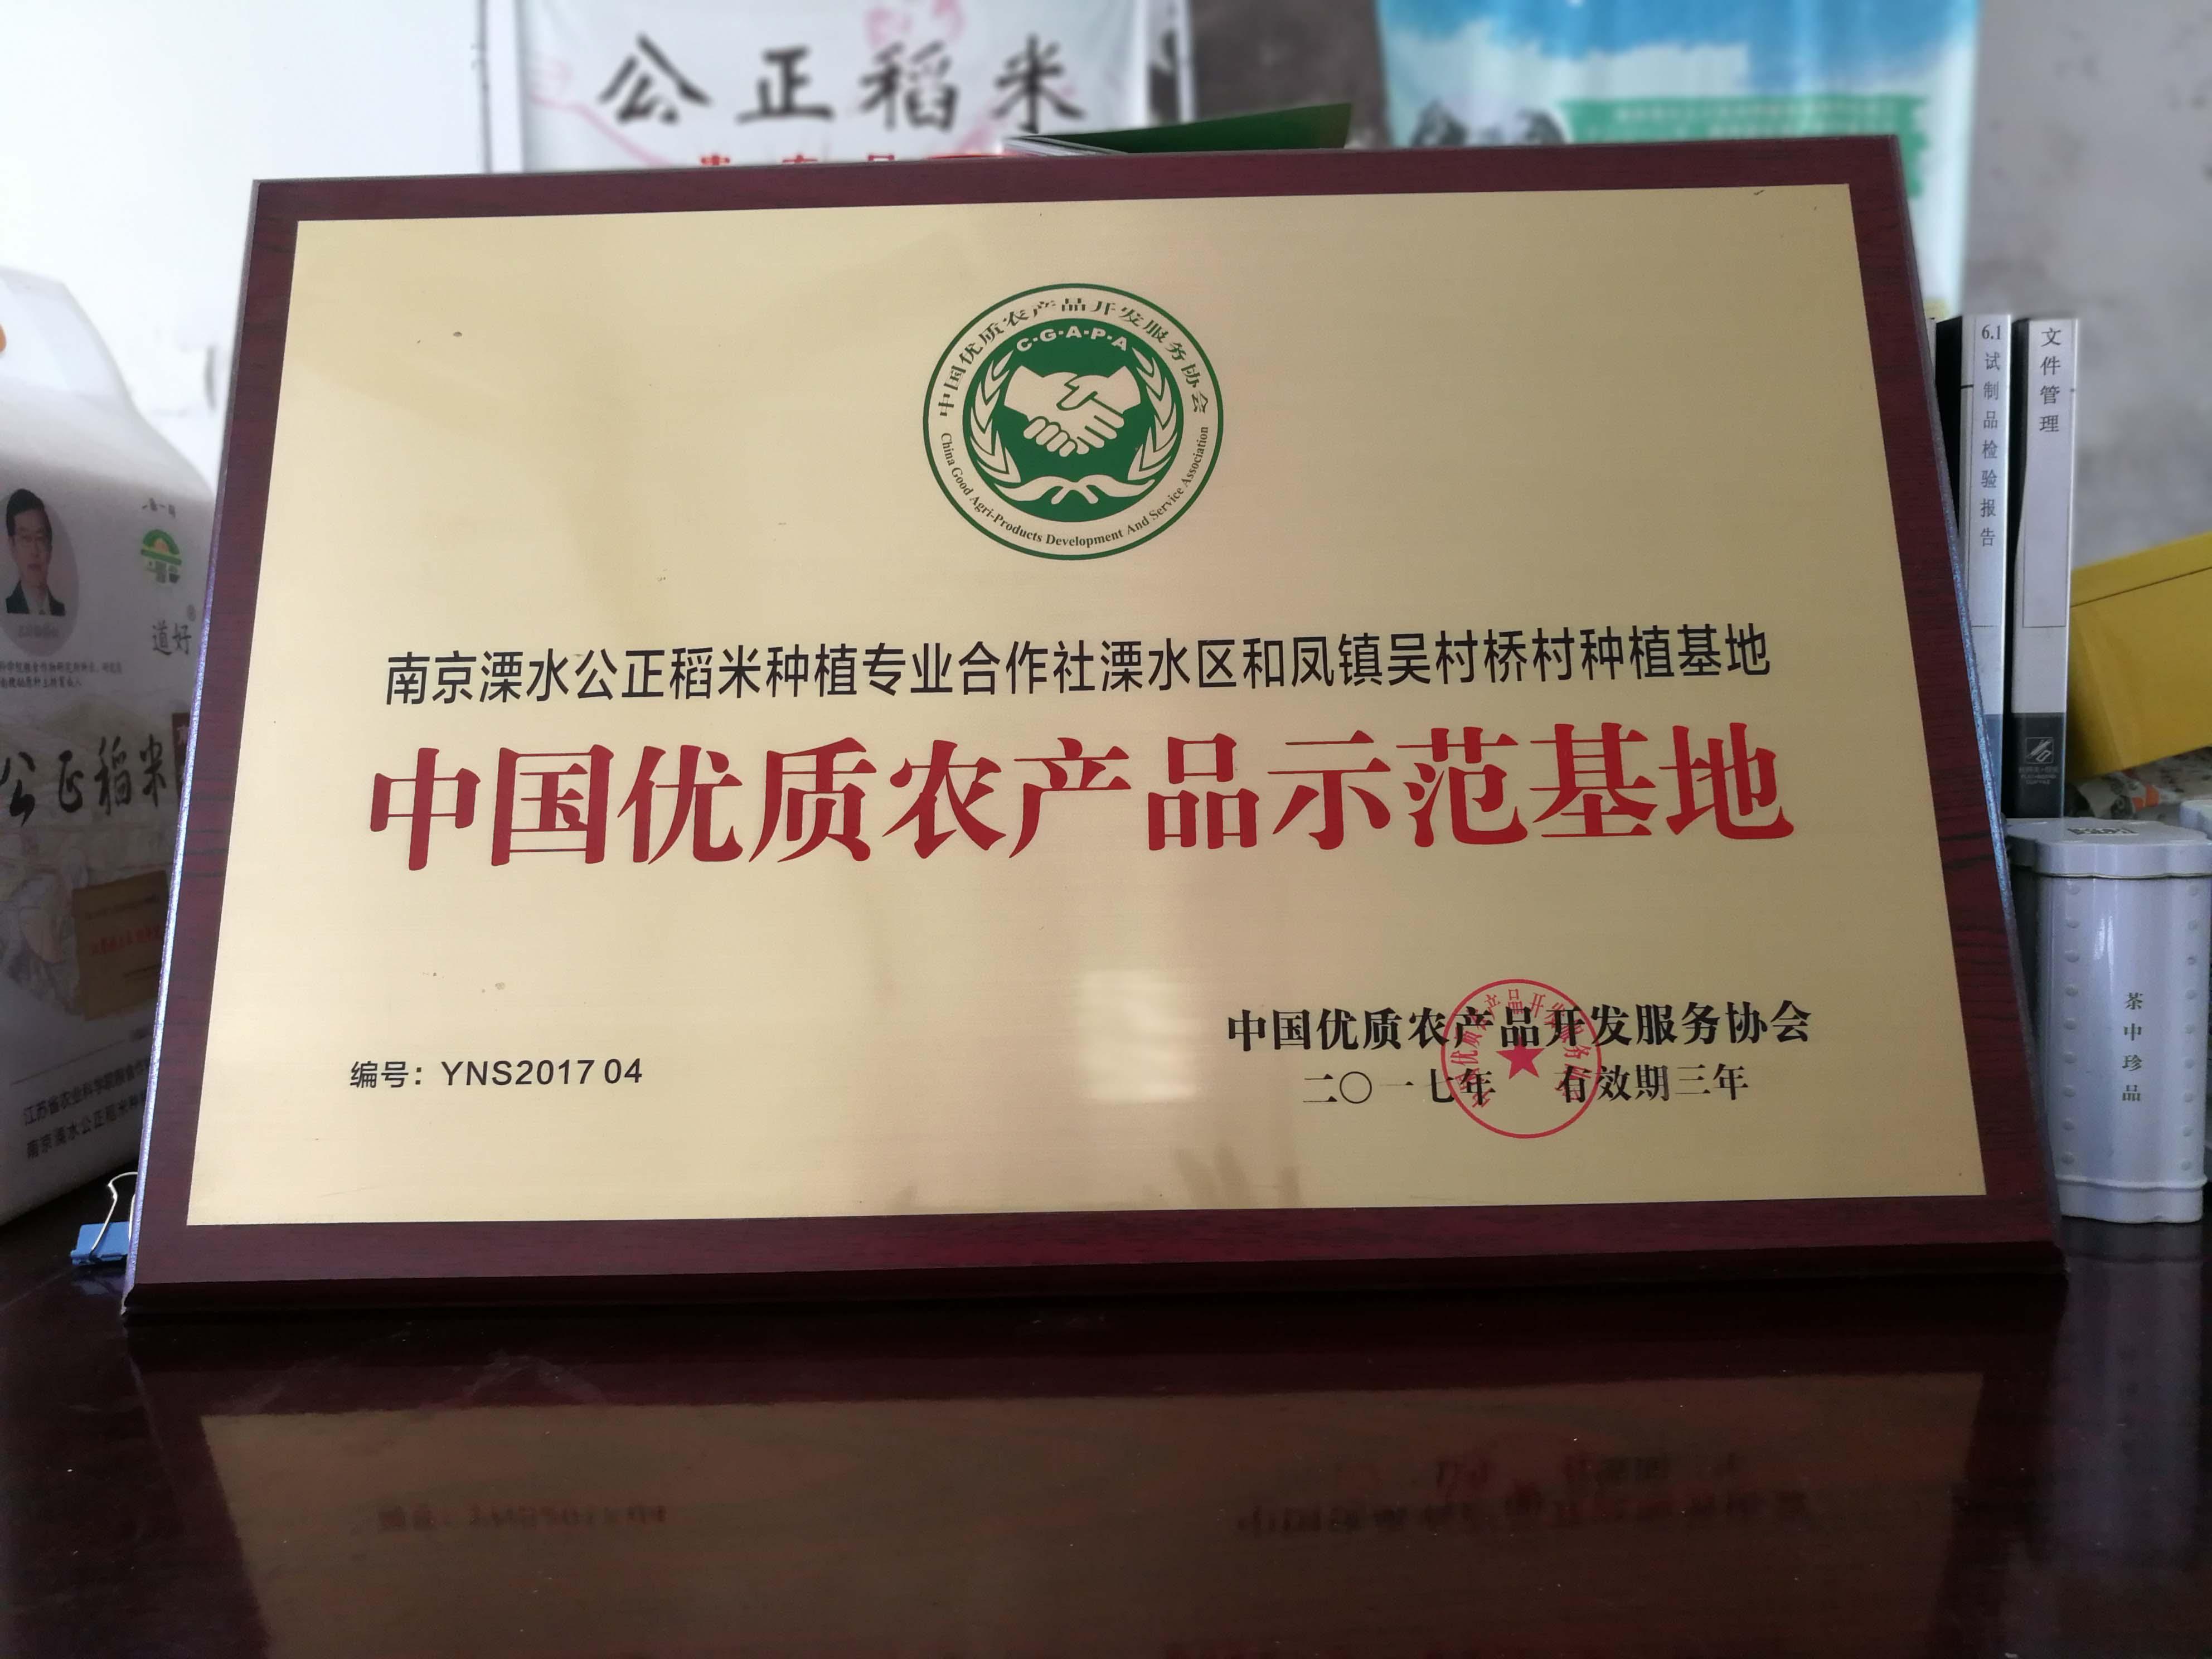 中国优质农产品示范基地